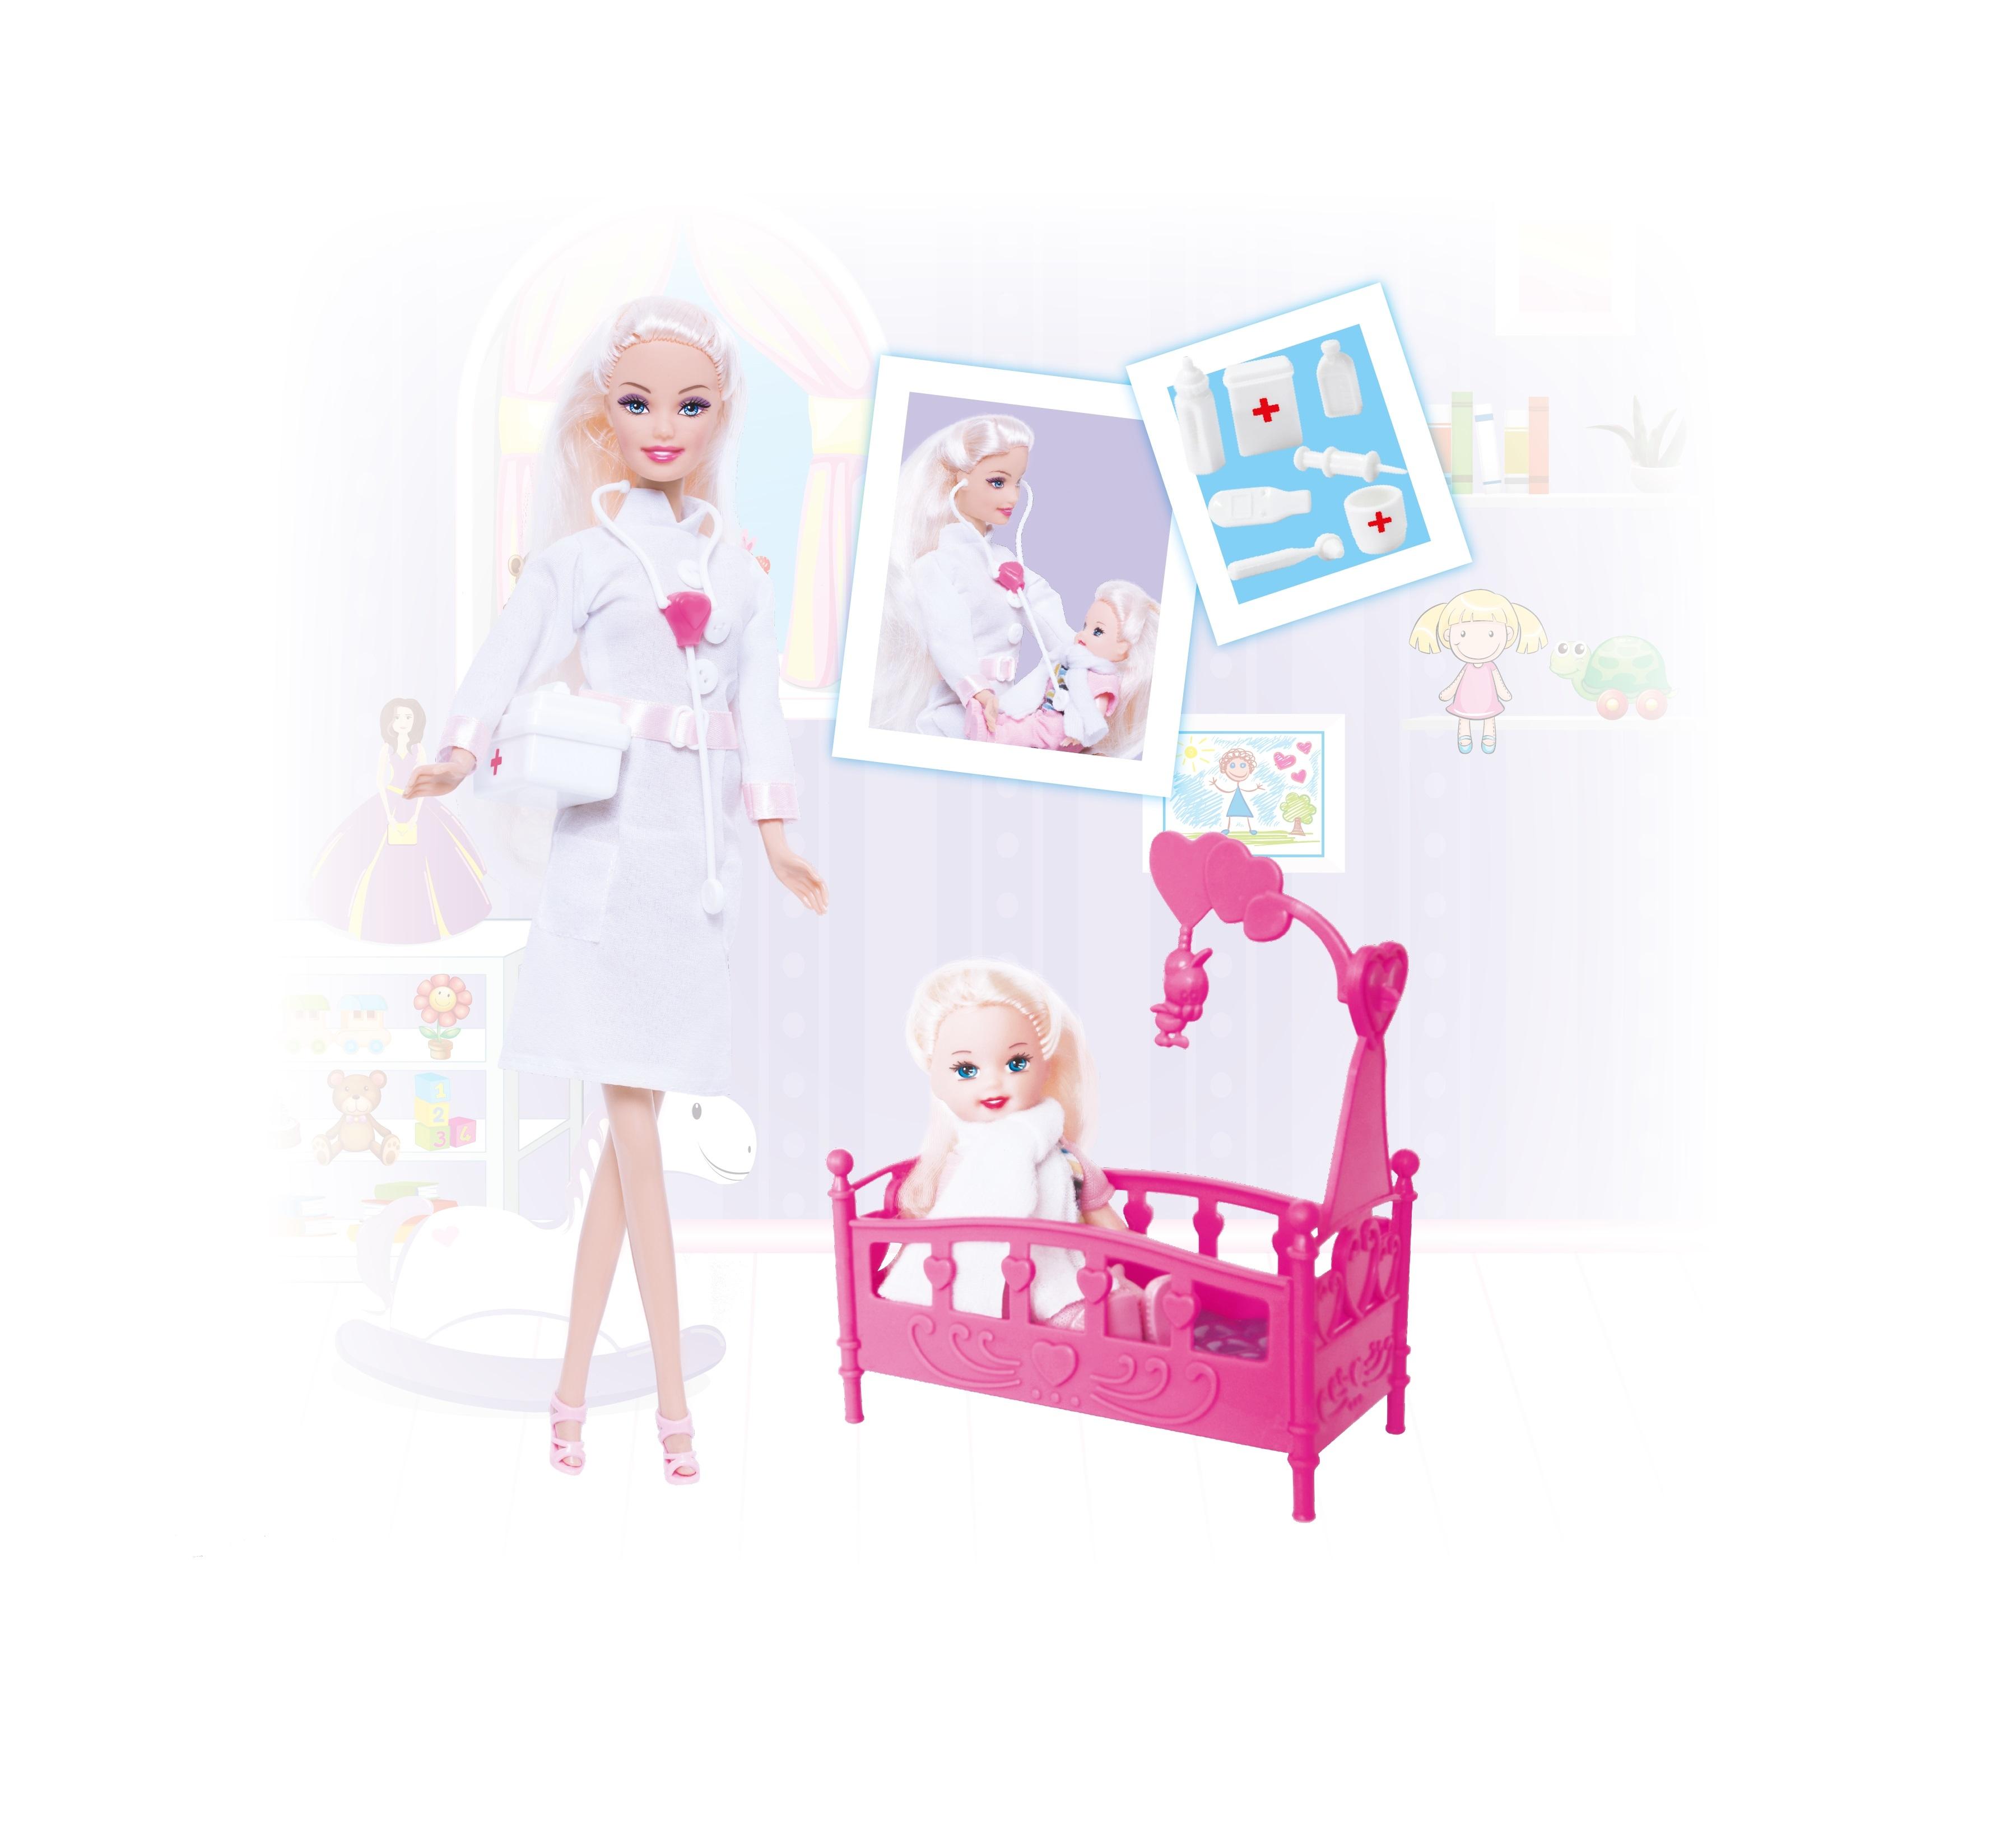 Игровой набор ToysLab Кукла Ася. Детский доктор набор кукла ася джинсовая коллекция 28 см дизайн 1 toyslab ася